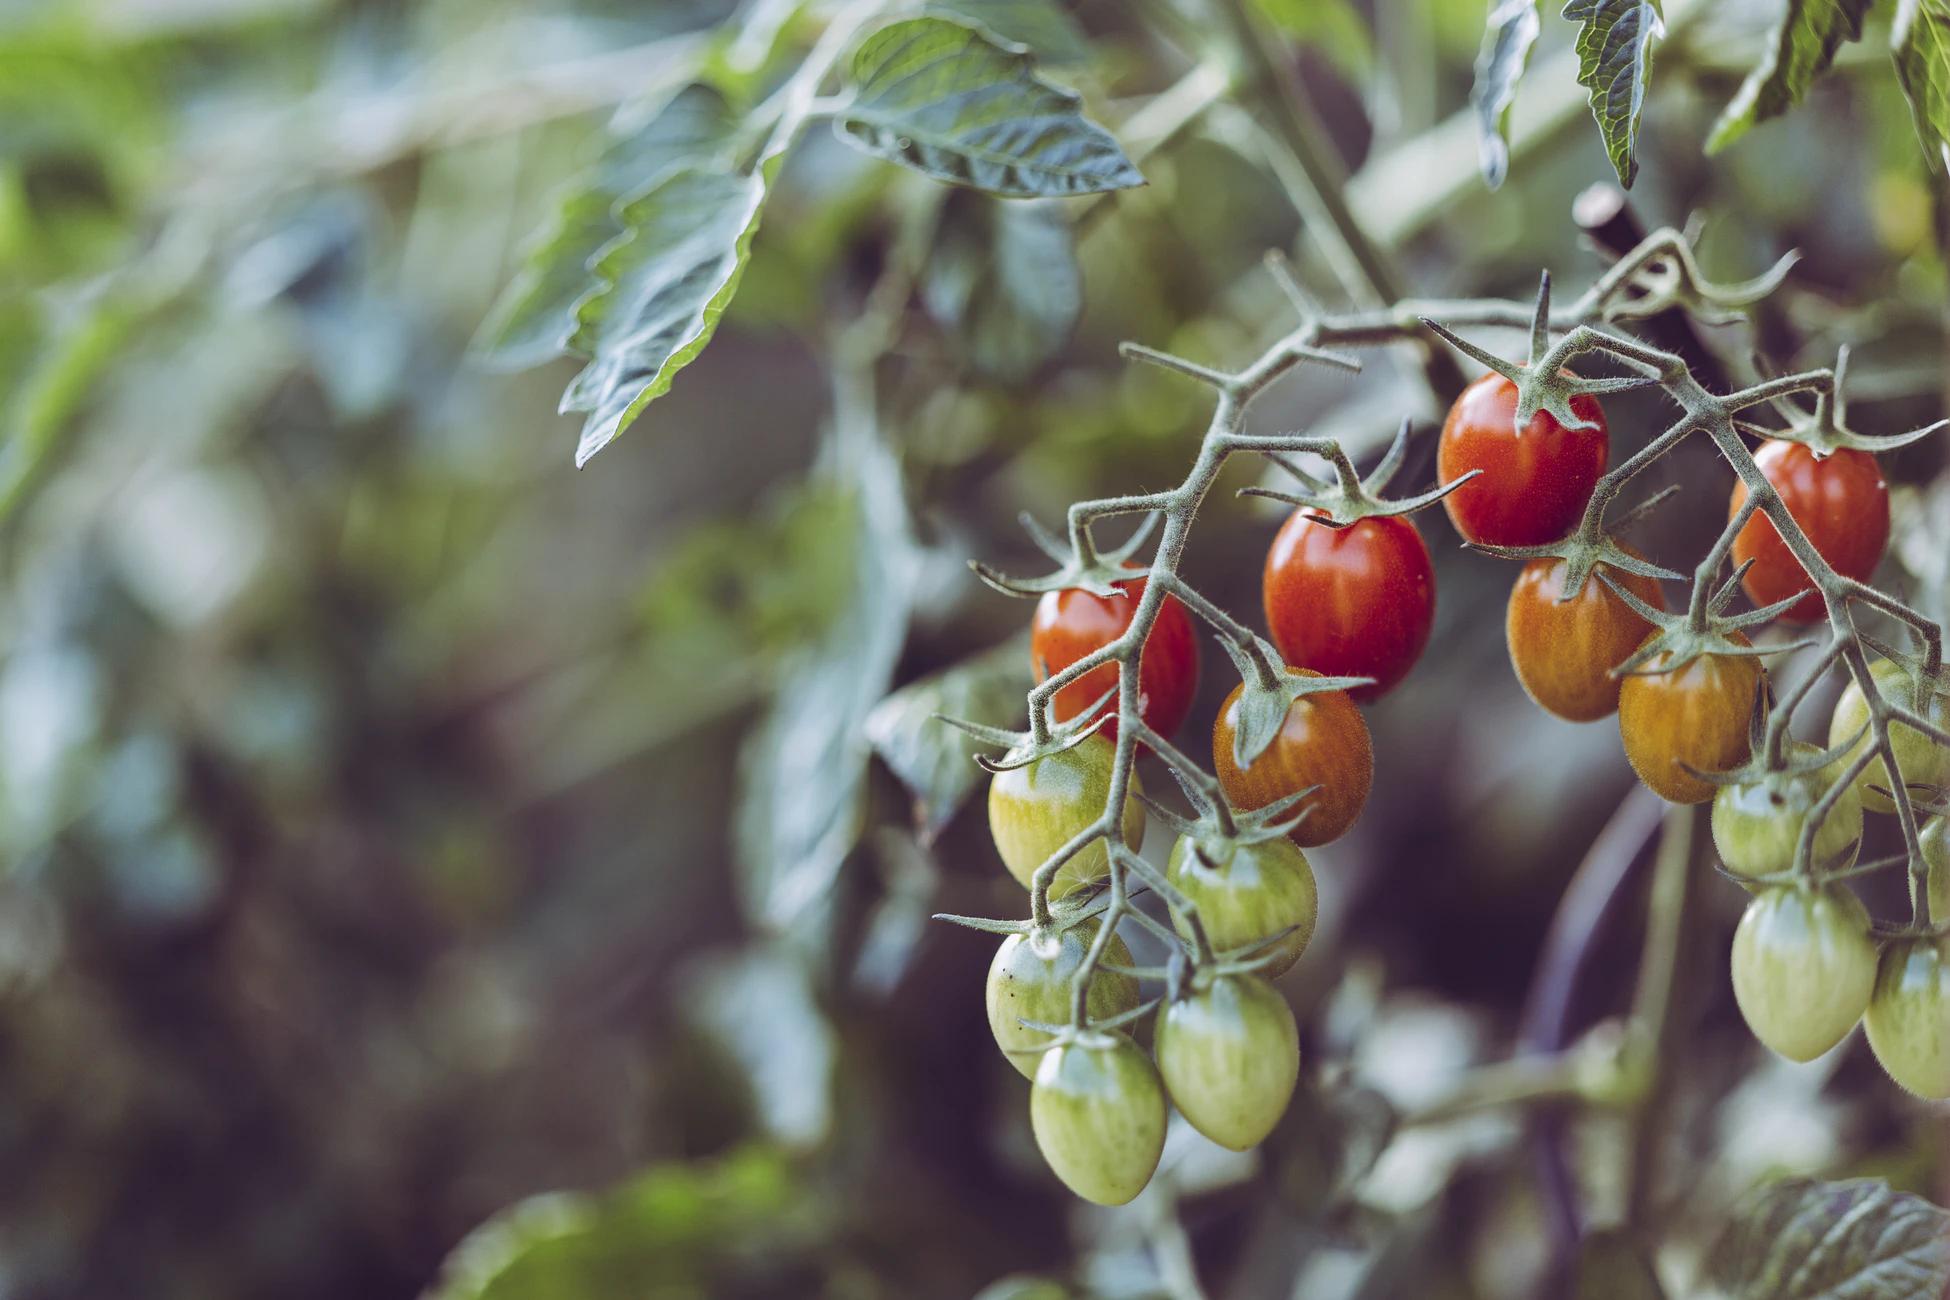 Серверы ЦОД согреют помидоры в Нидерландах